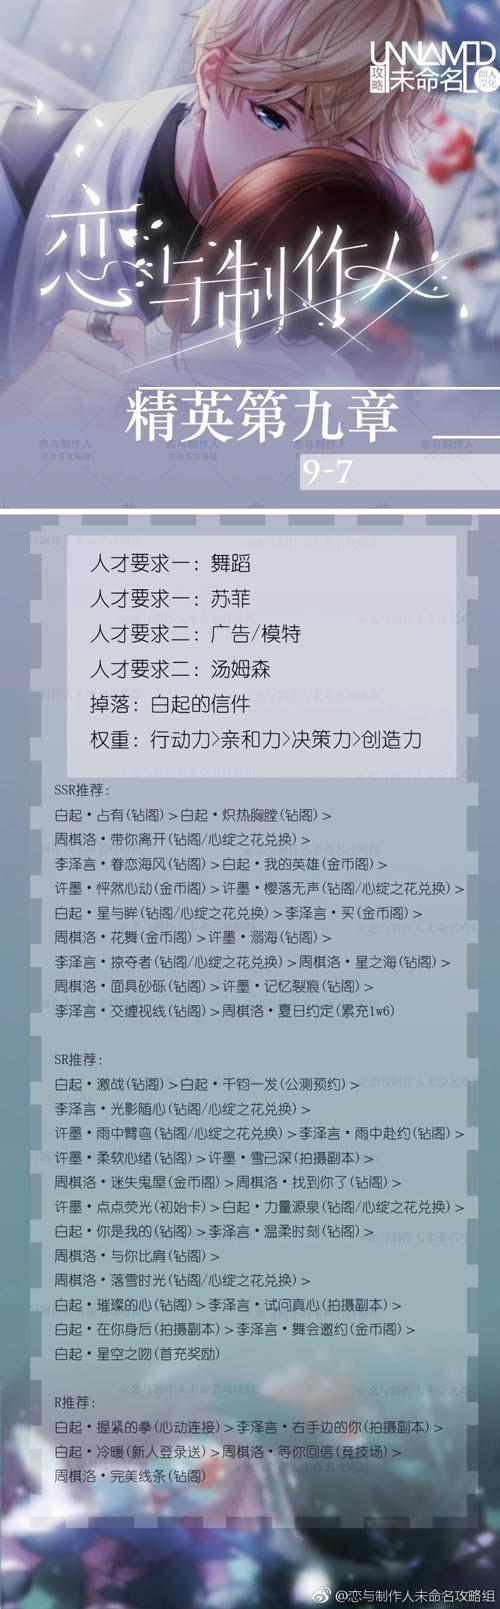 恋与制作人精英9-7关怎么过 精英第九章攻略